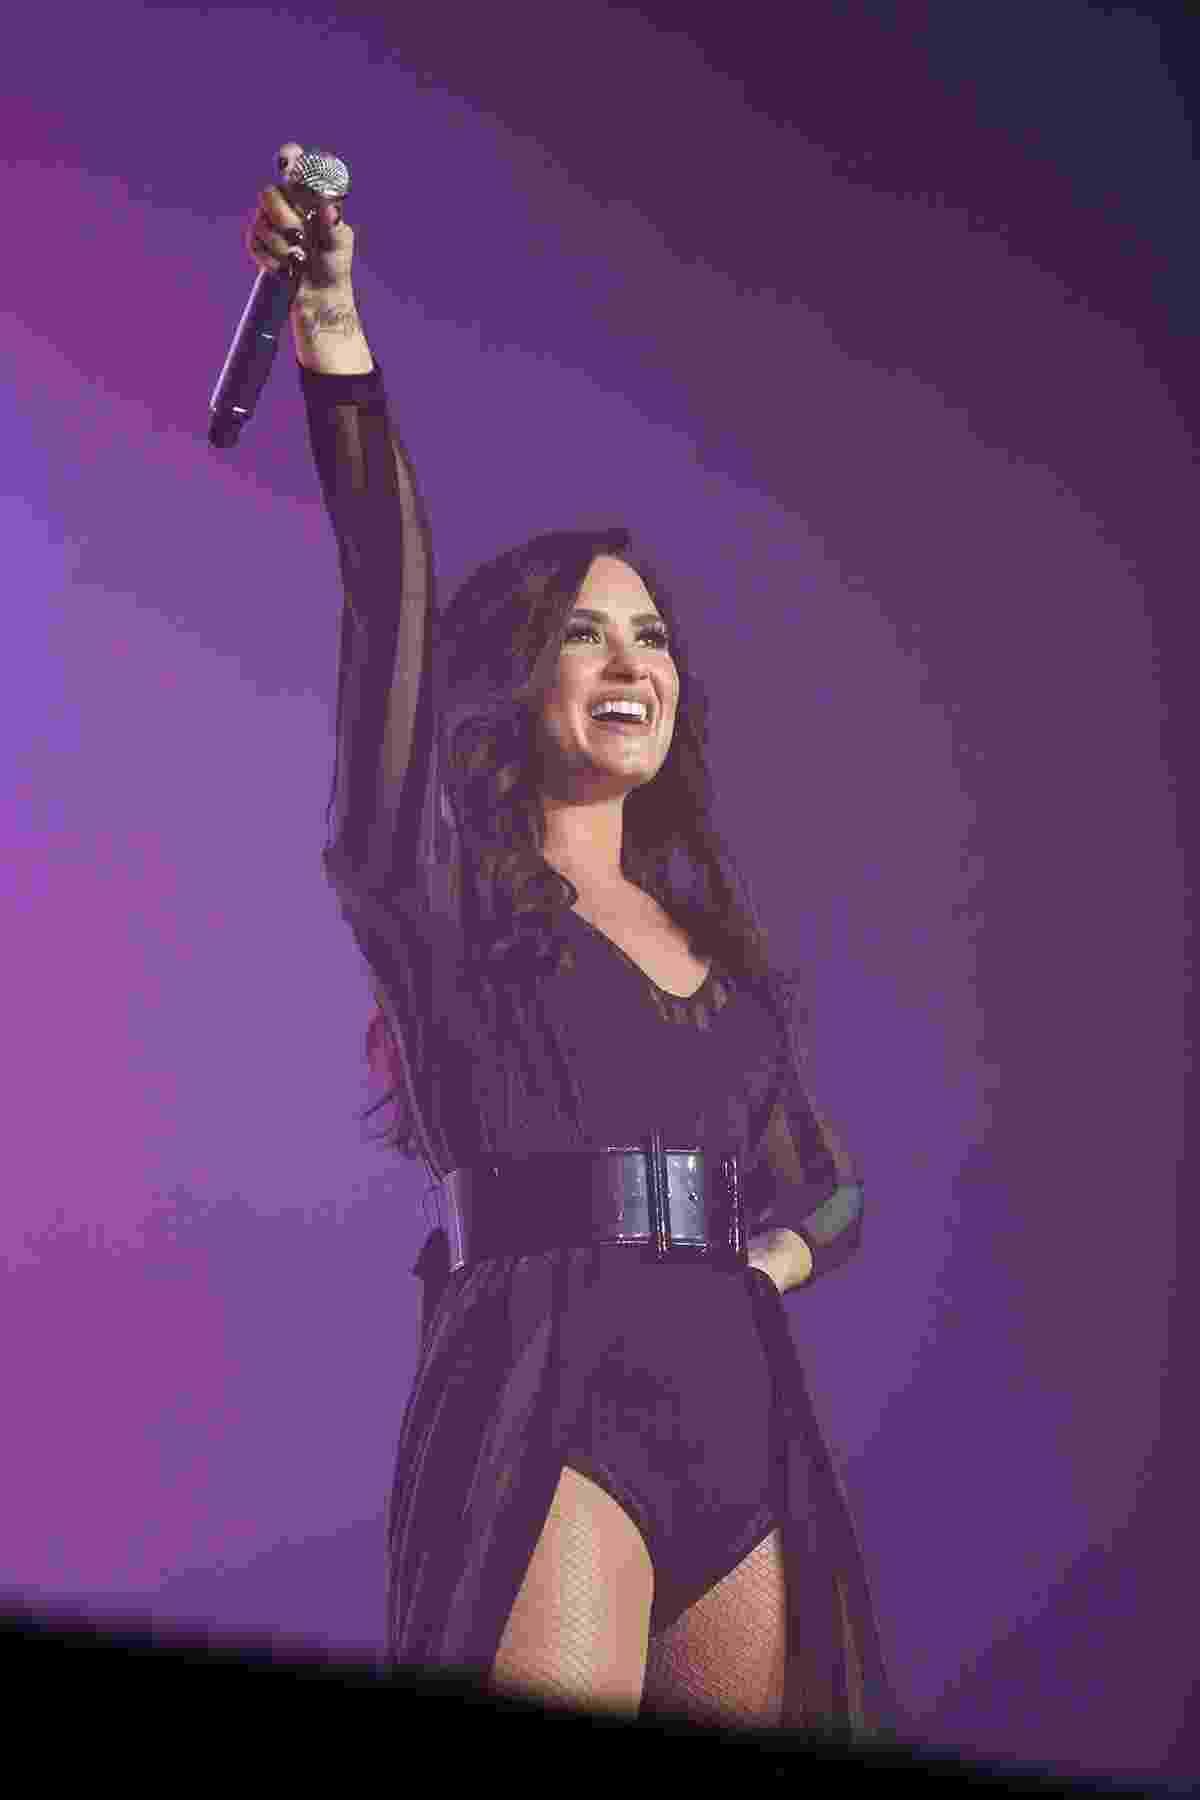 10.dez.2016 - De volta ao Brasil, Demi Lovato traz seu pop para o Z Festival, em São Paulo. Ela é a principal atração do evento - Iwi Onodera/Brazil News